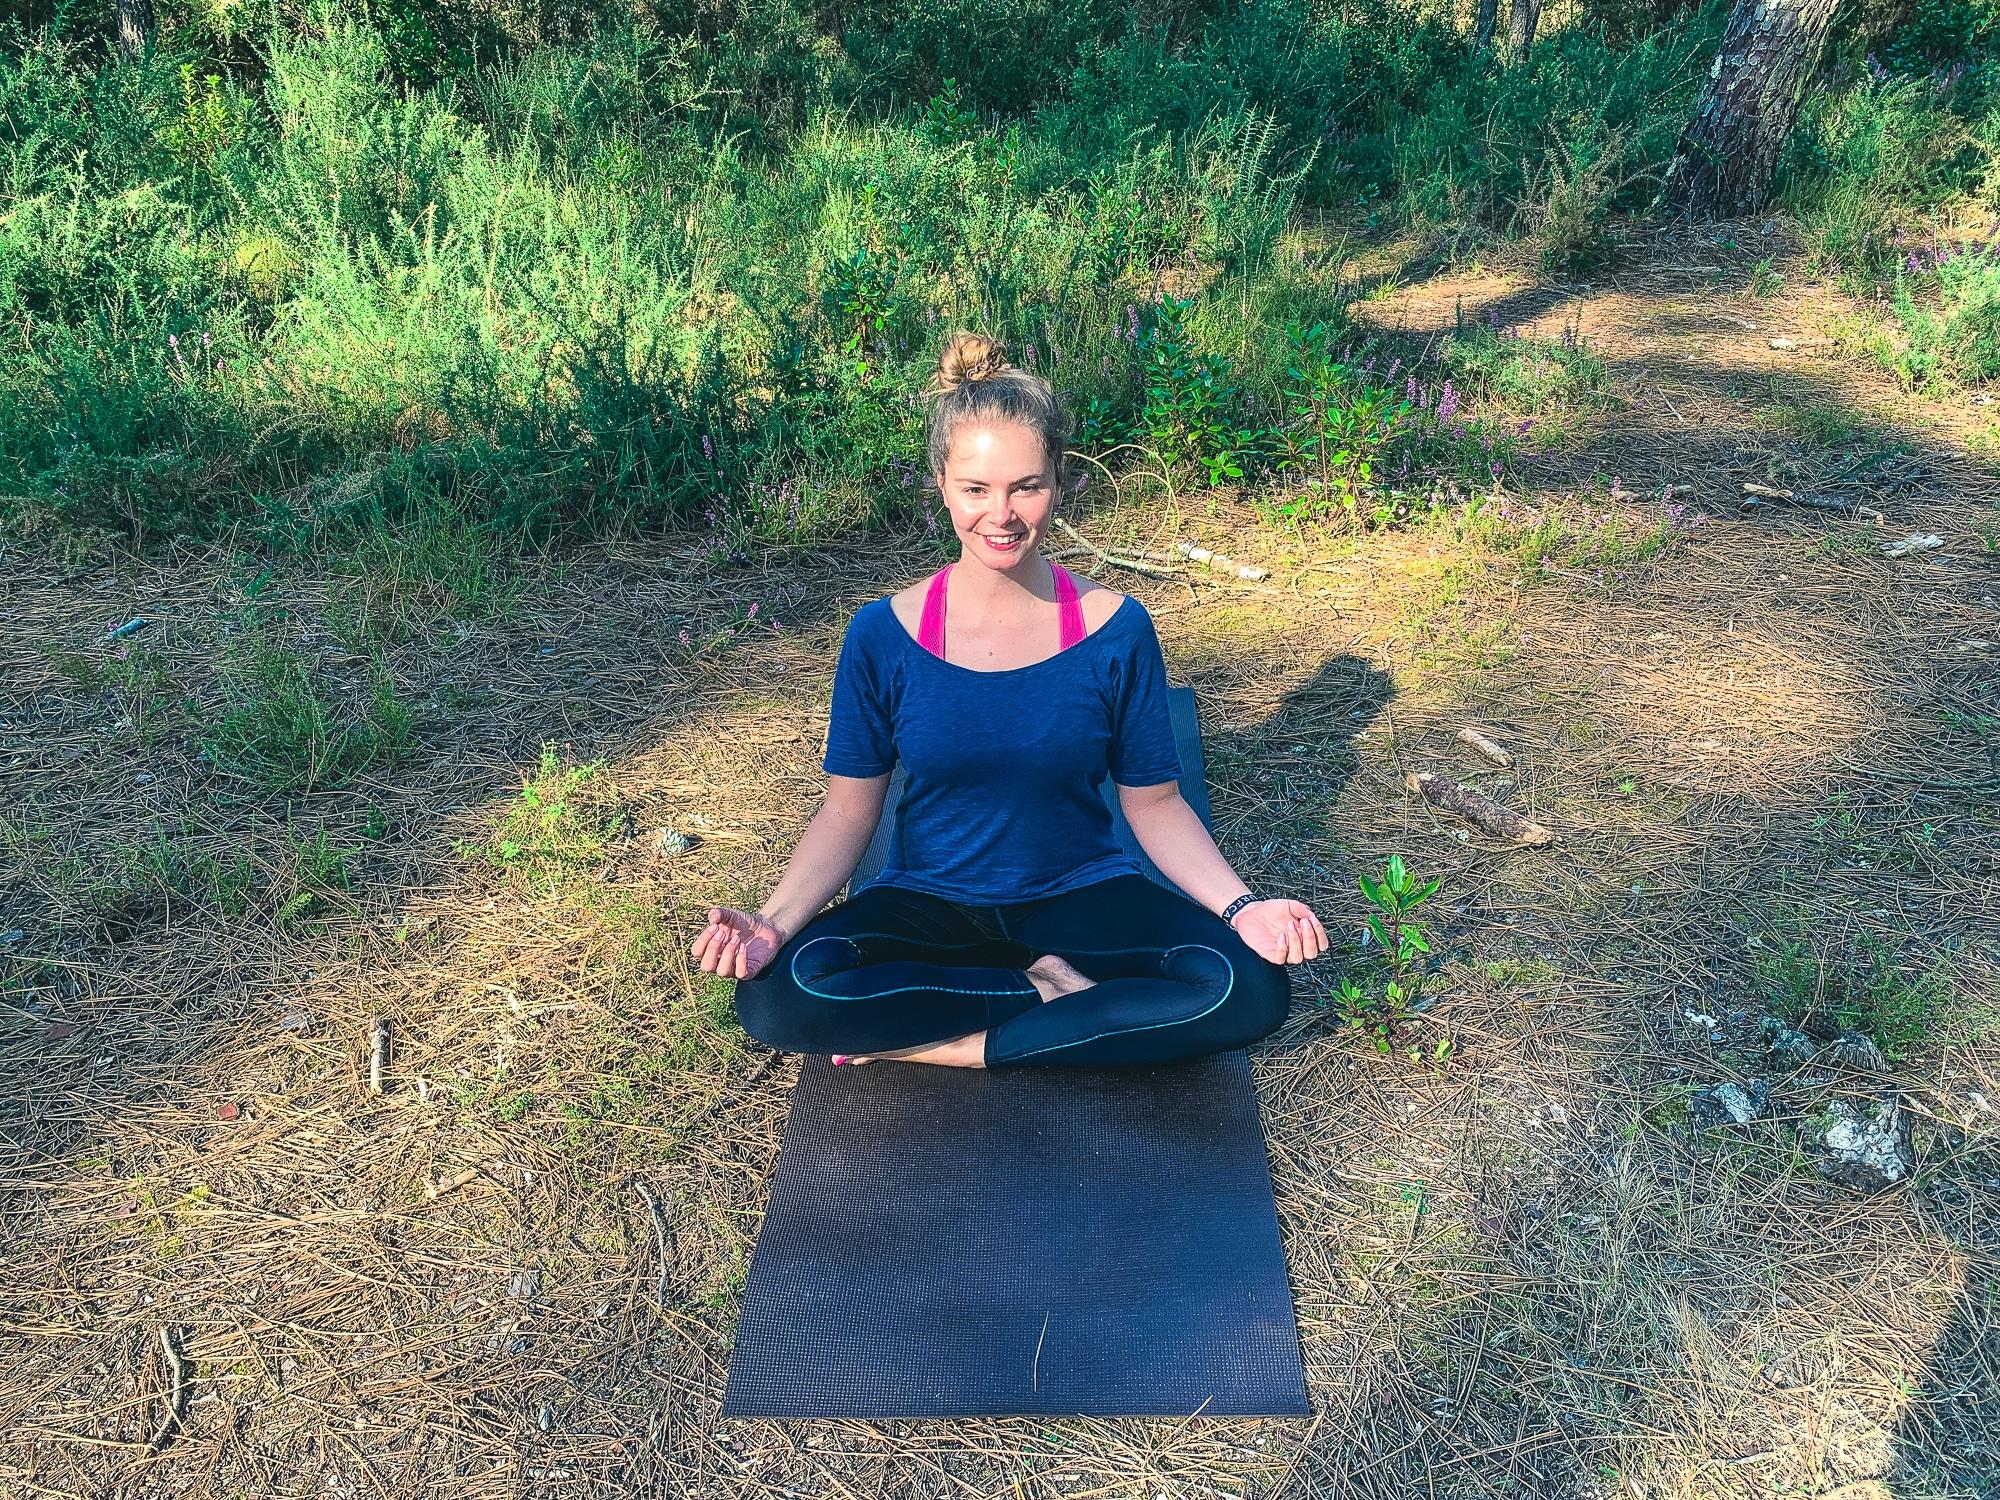 Moliets-Plage: Surfen und Yoga - meine Erfahrungen im 24+ Puresurfcamp